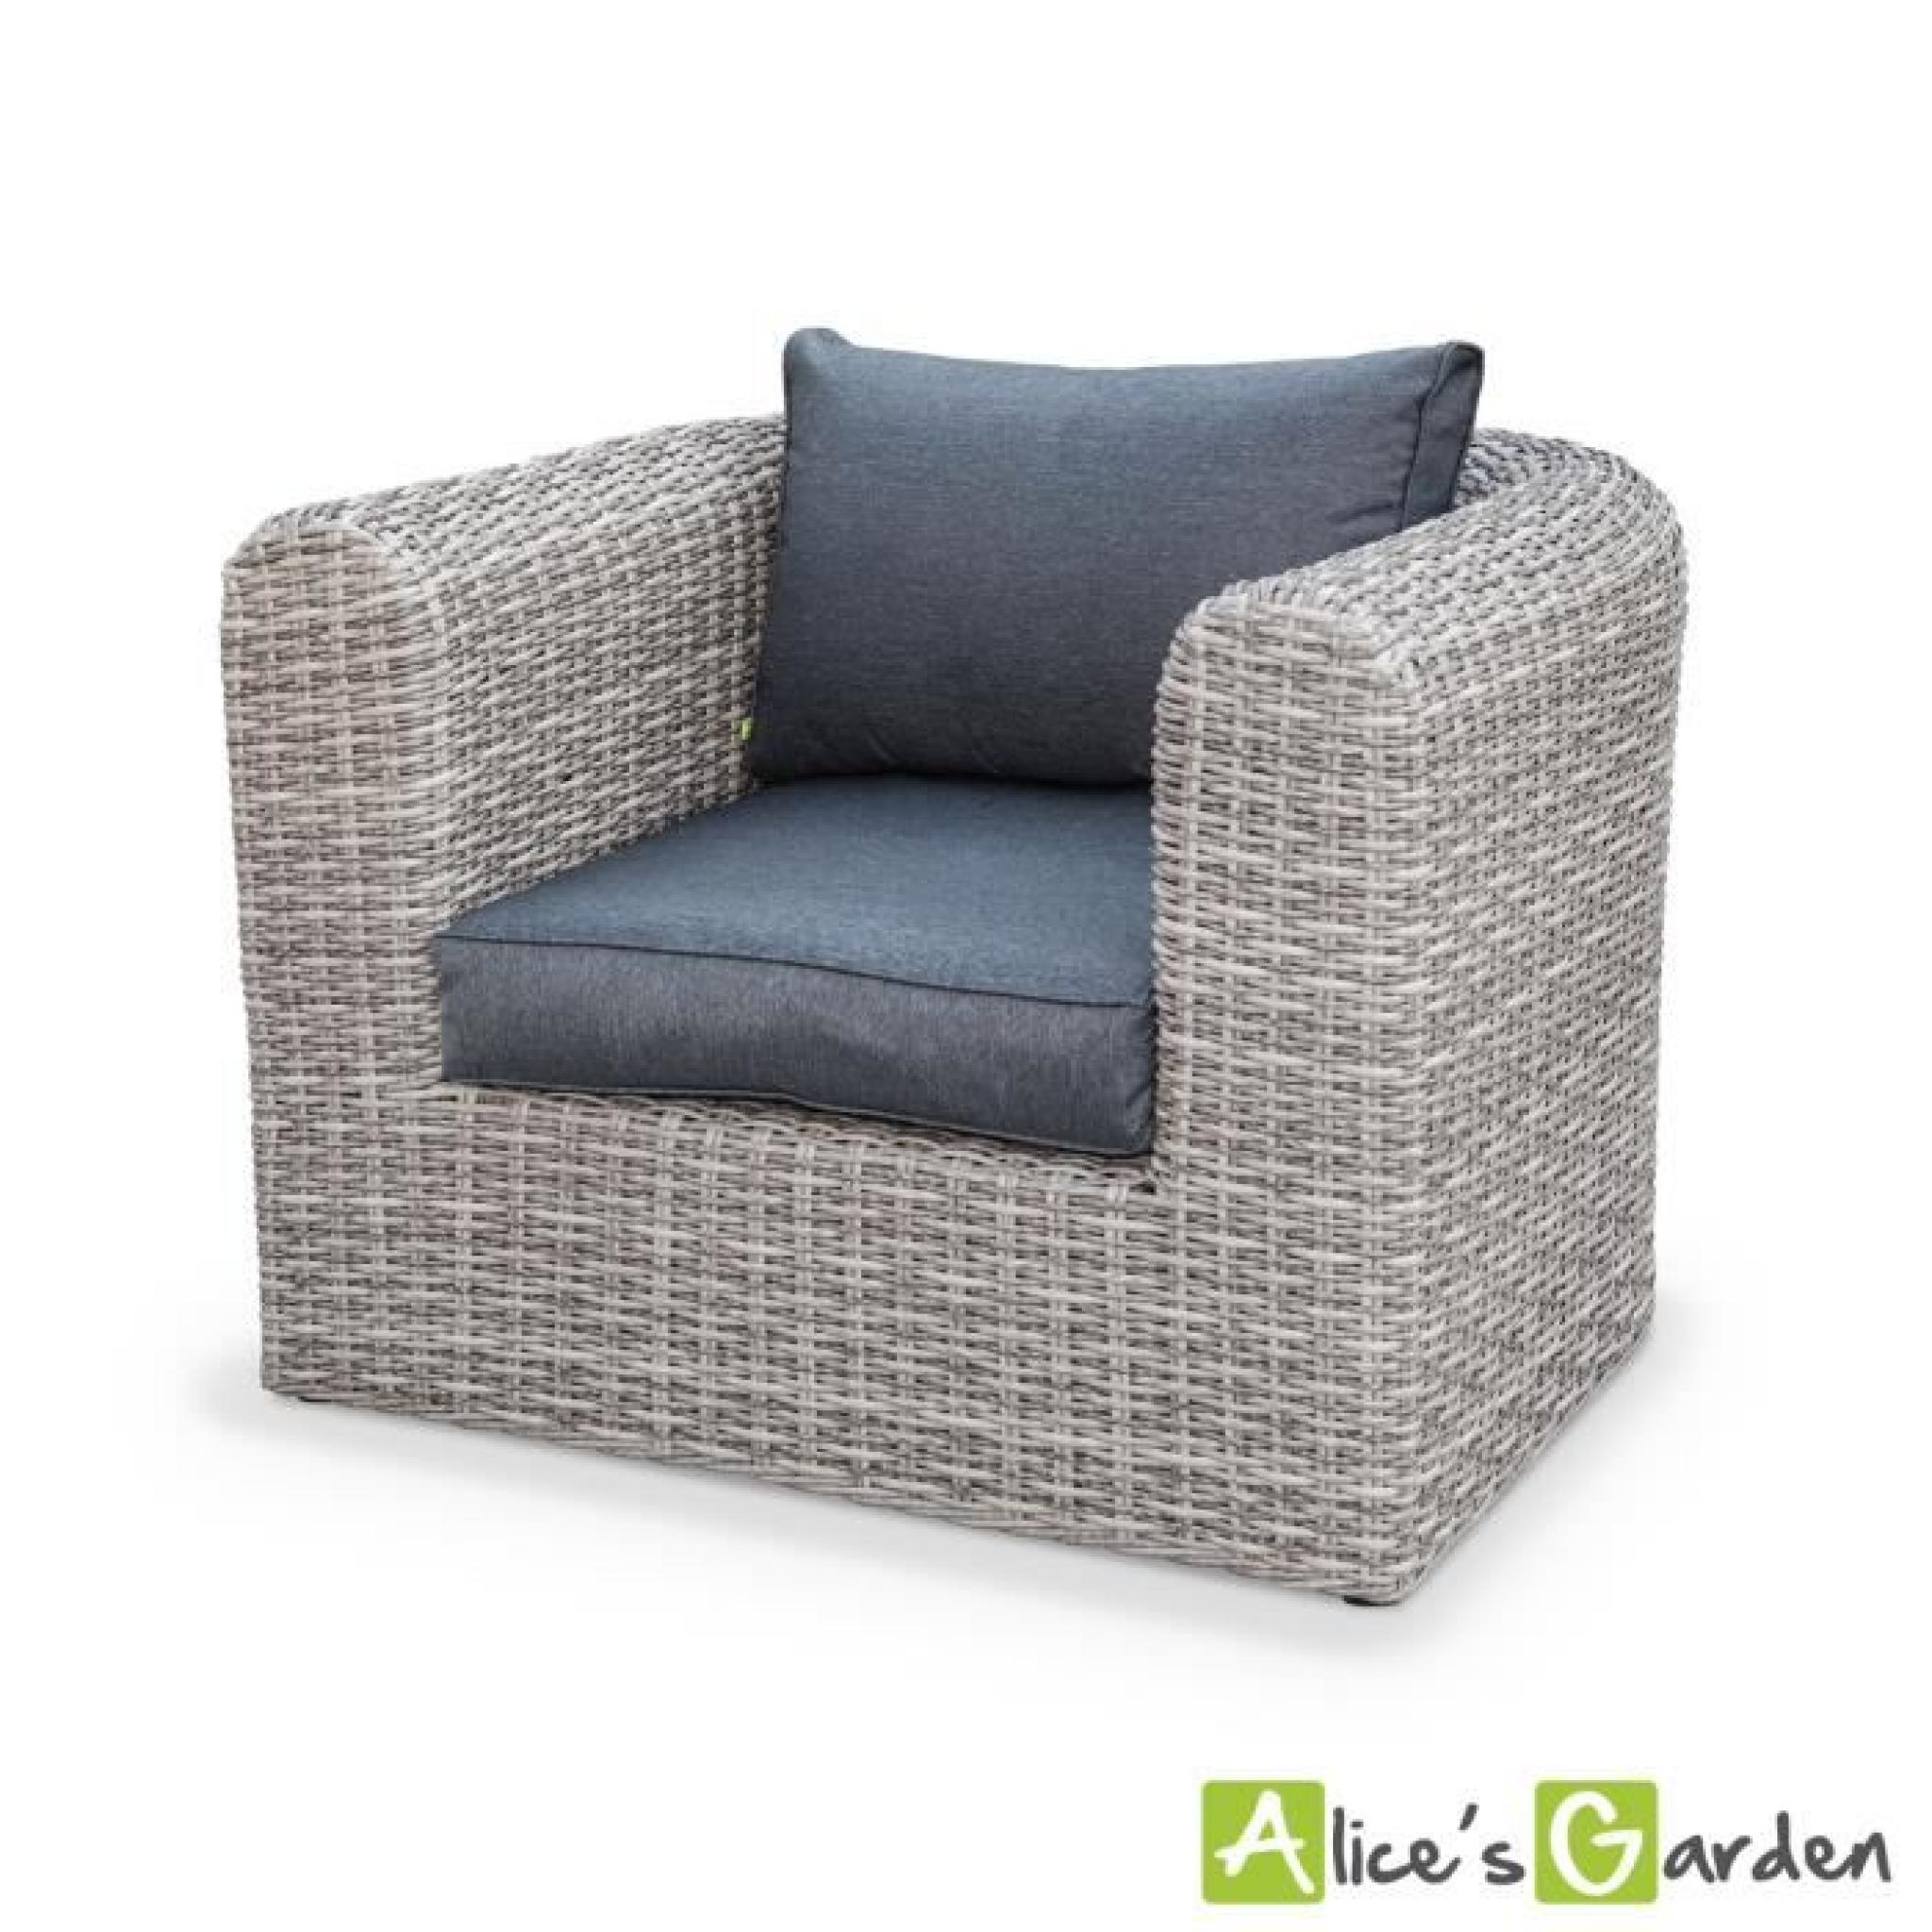 Salon de jardin Tonico en résine tressée arrondie 3 tailles, 6 places  canapé fauteuil